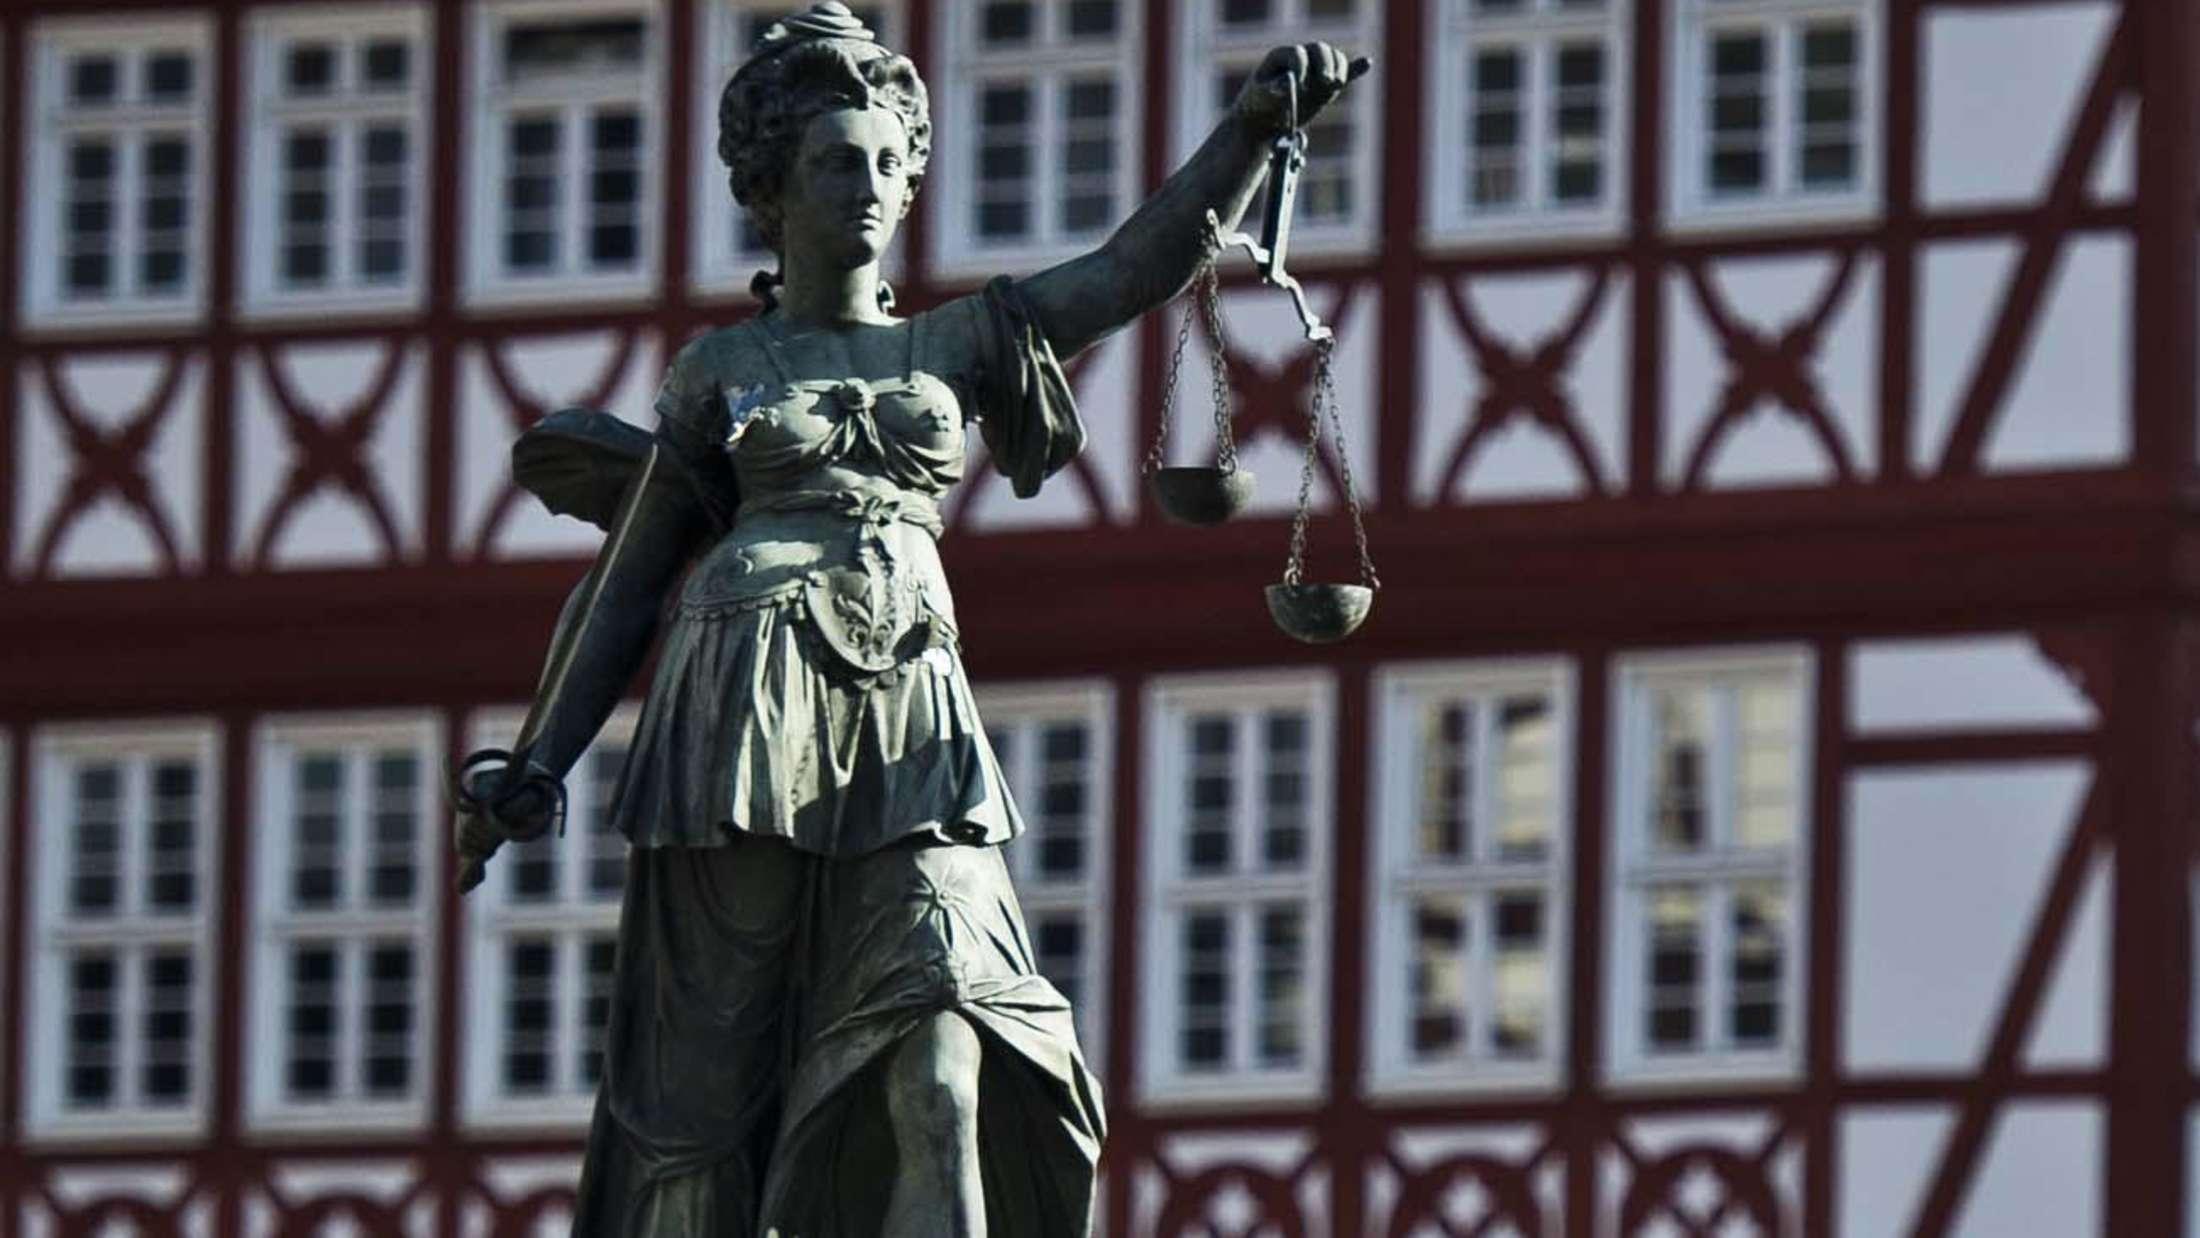 Mann zu Tode geprügelt | Frankfurt